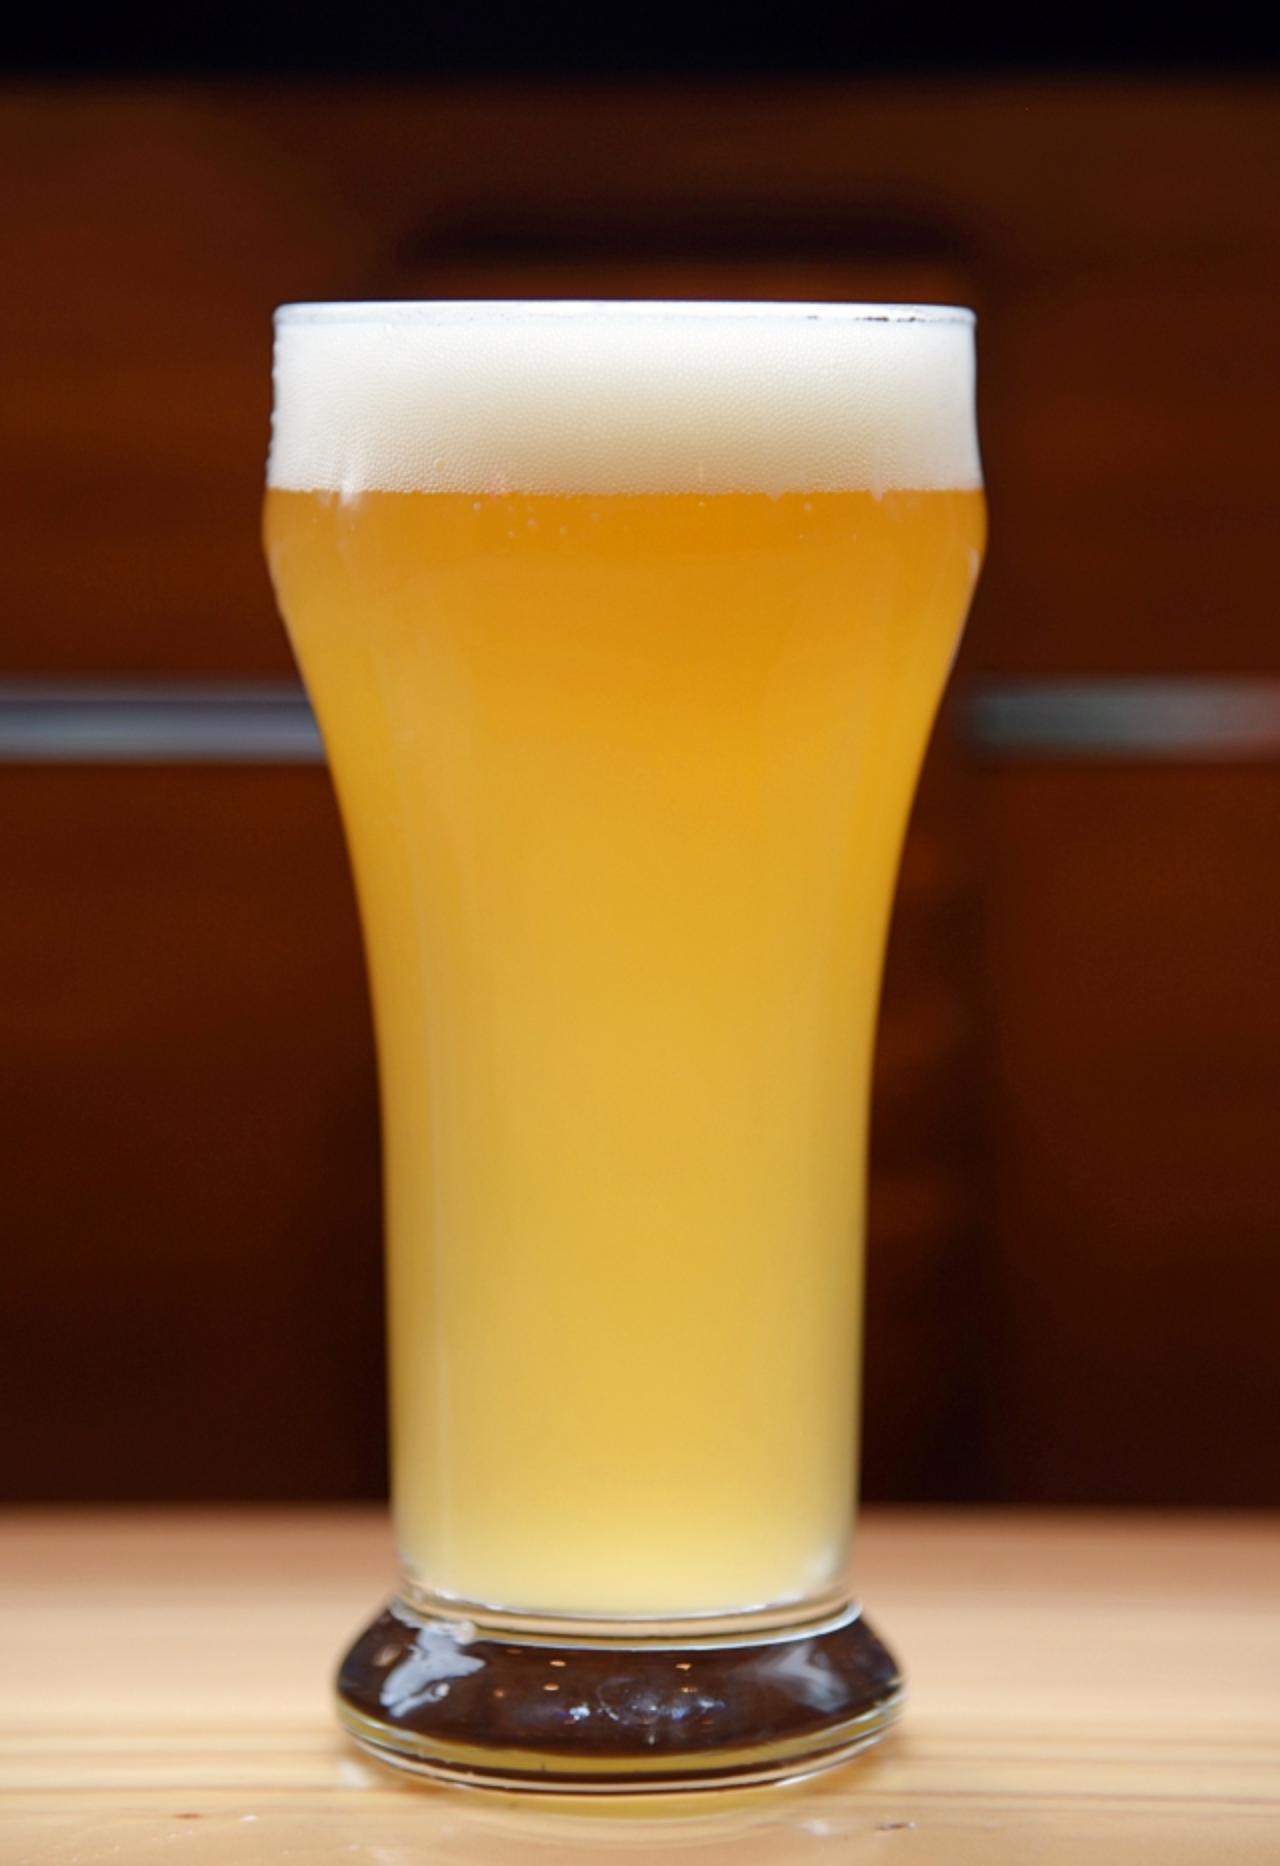 画像: 「普通のビール」に戻れなくなる⁉︎ ゴルファーのためのクラフトビール入門【一杯目】 - Thumbs Up Golf